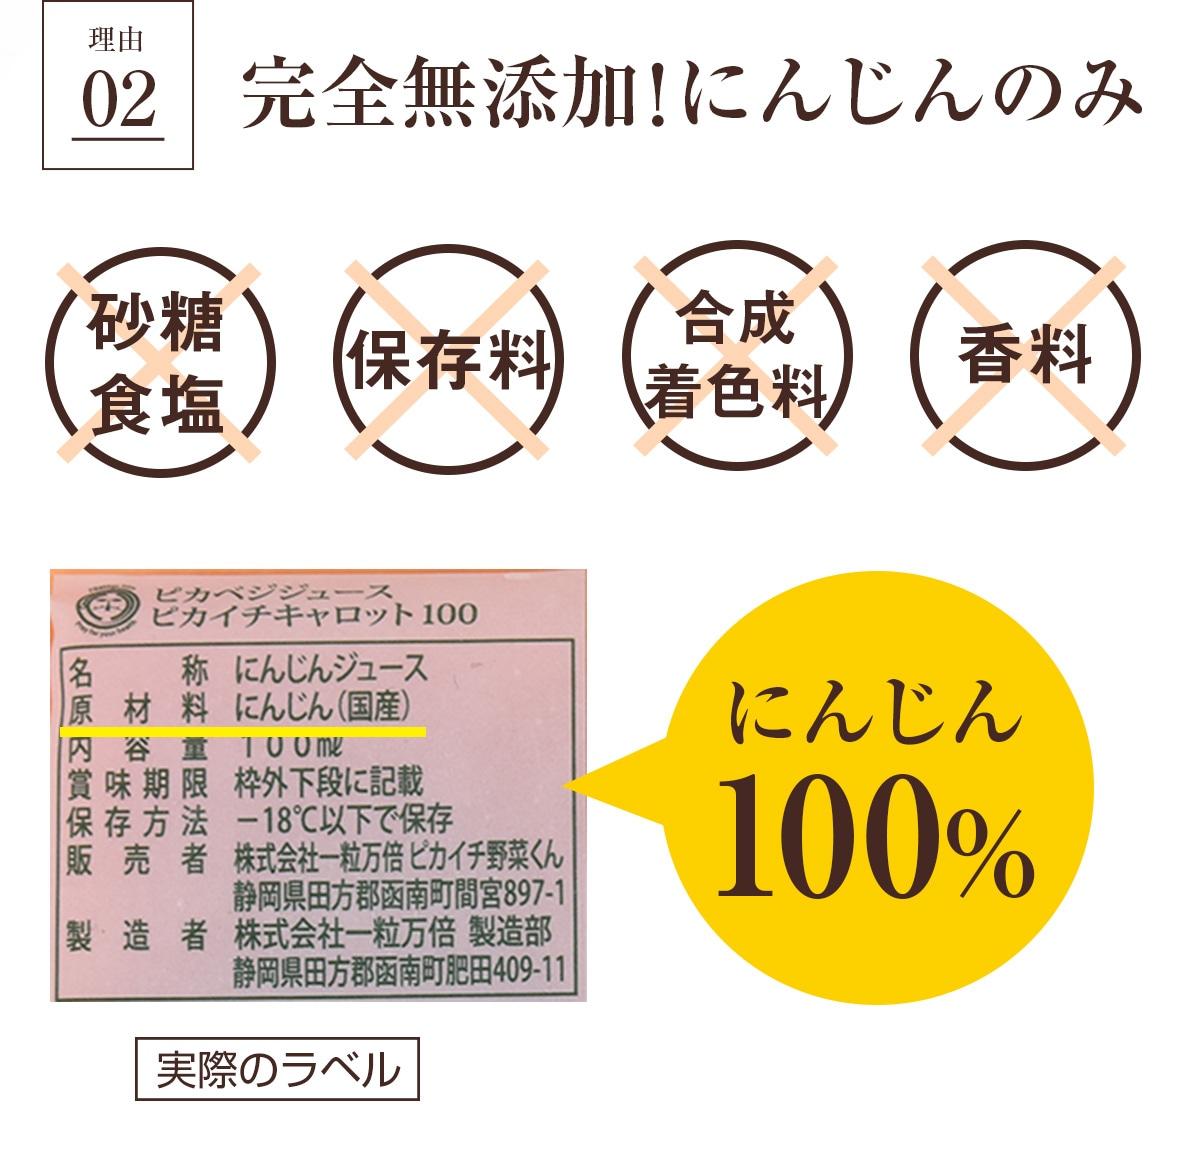 にんじん100%の完全無添加ジュース